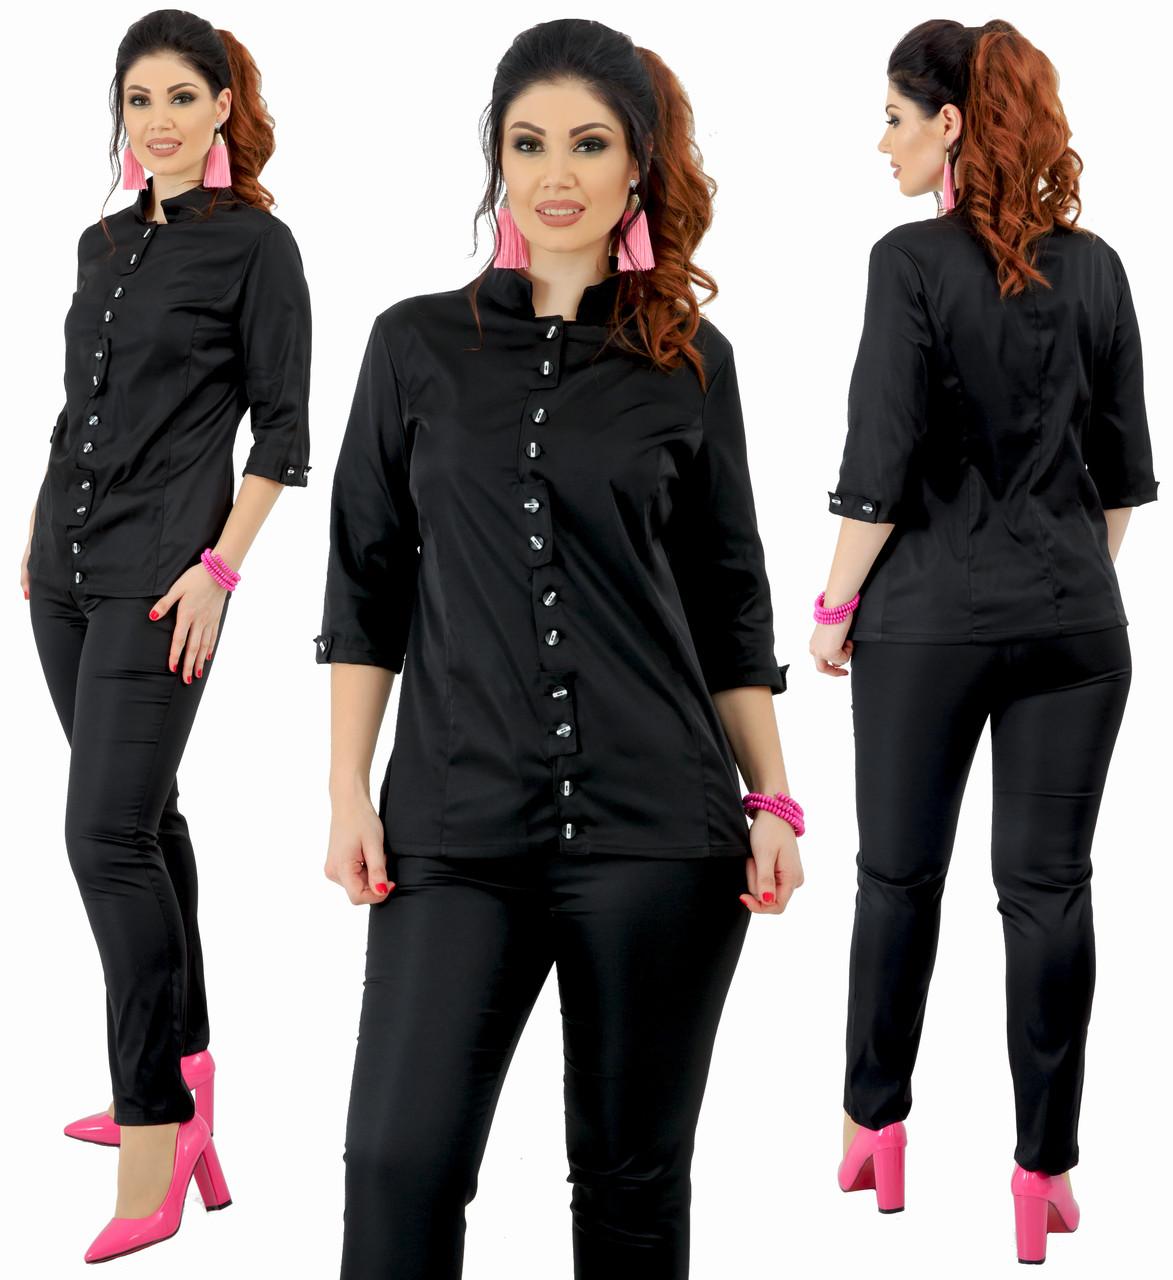 Женский классический брючный костюм больших размеров 48+   / 4 цвета  арт 6334-92